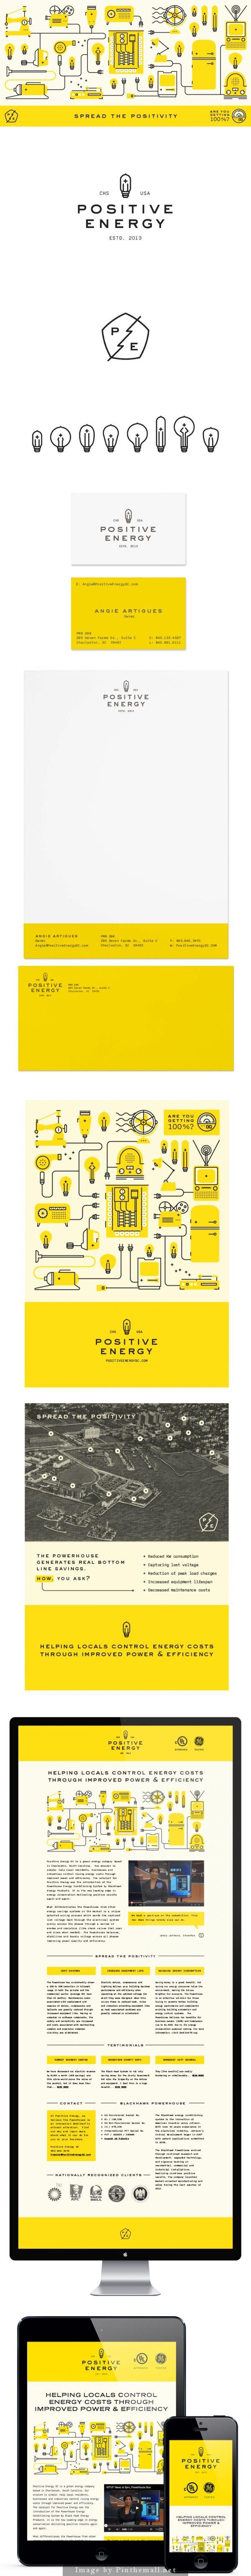 POSITIVE ENERGY | FUZZCO